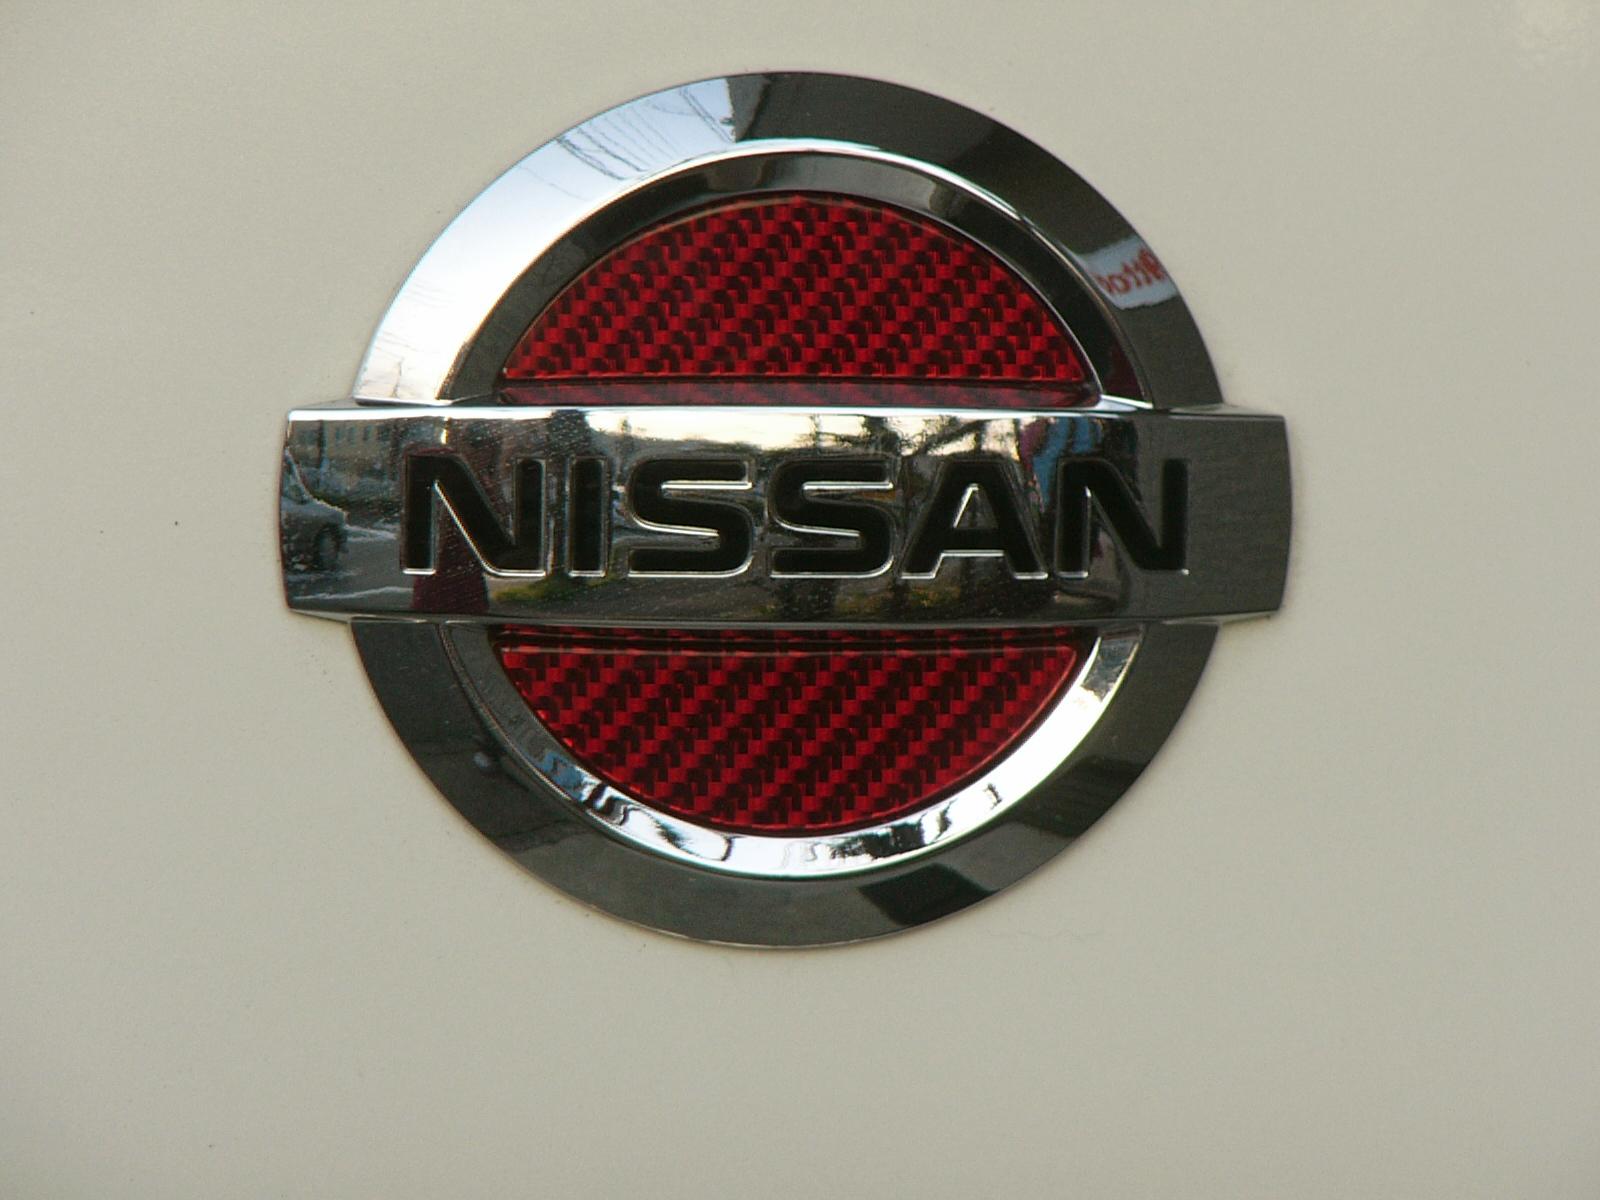 NISSAN MG22S MOCO専用フロント&リヤエンブレム シルバーカーボン「レッドVer」フィニッシャーセット